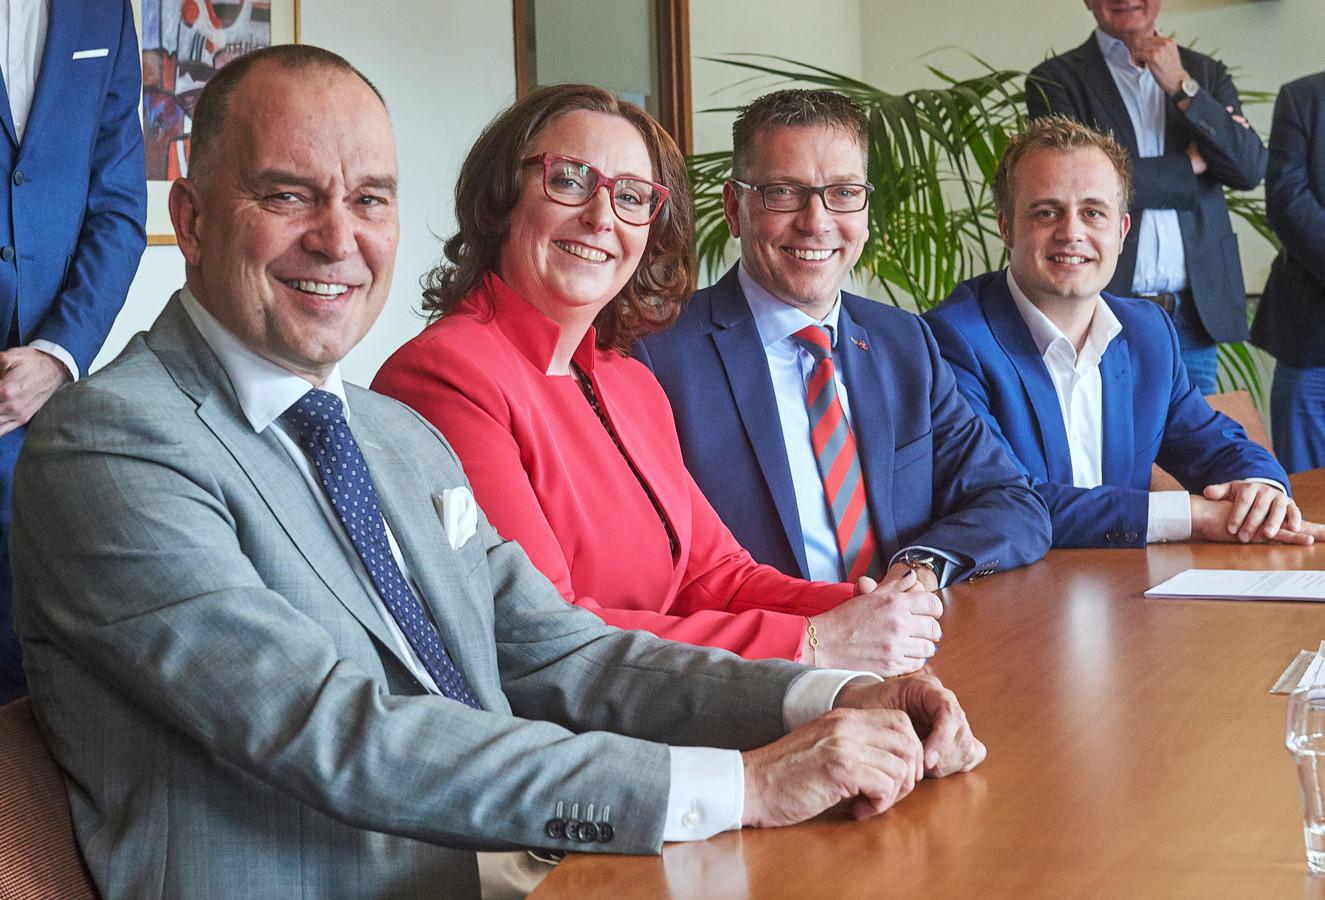 Het Udense college bij de start in 20218. Vlnr Maarten Prinssen, Ingrid Verkuijlen, Franco van Lankvelt en Gijs van Heeswijk.